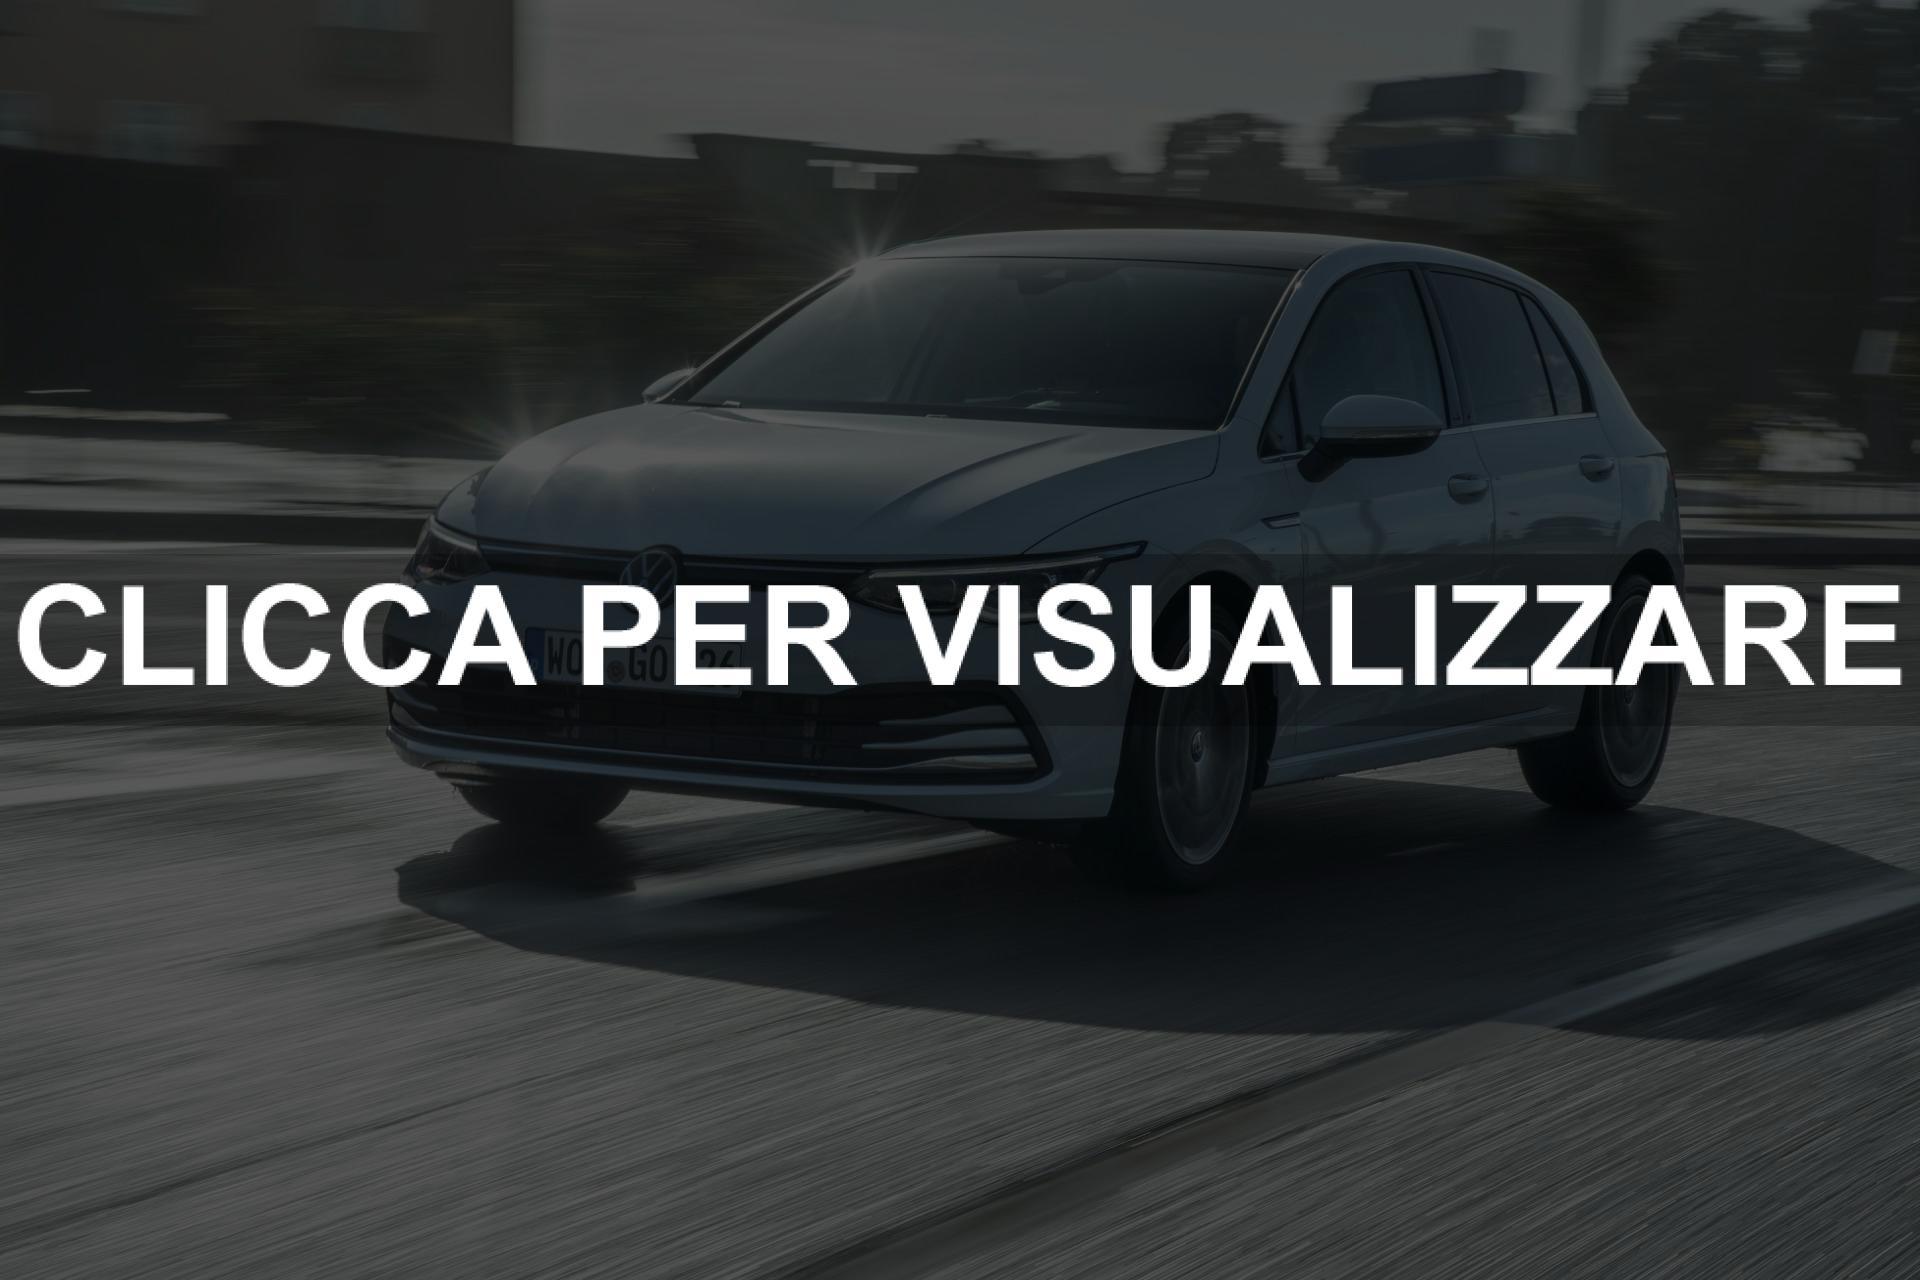 Immagini nuova Volkswagen Golf VIII